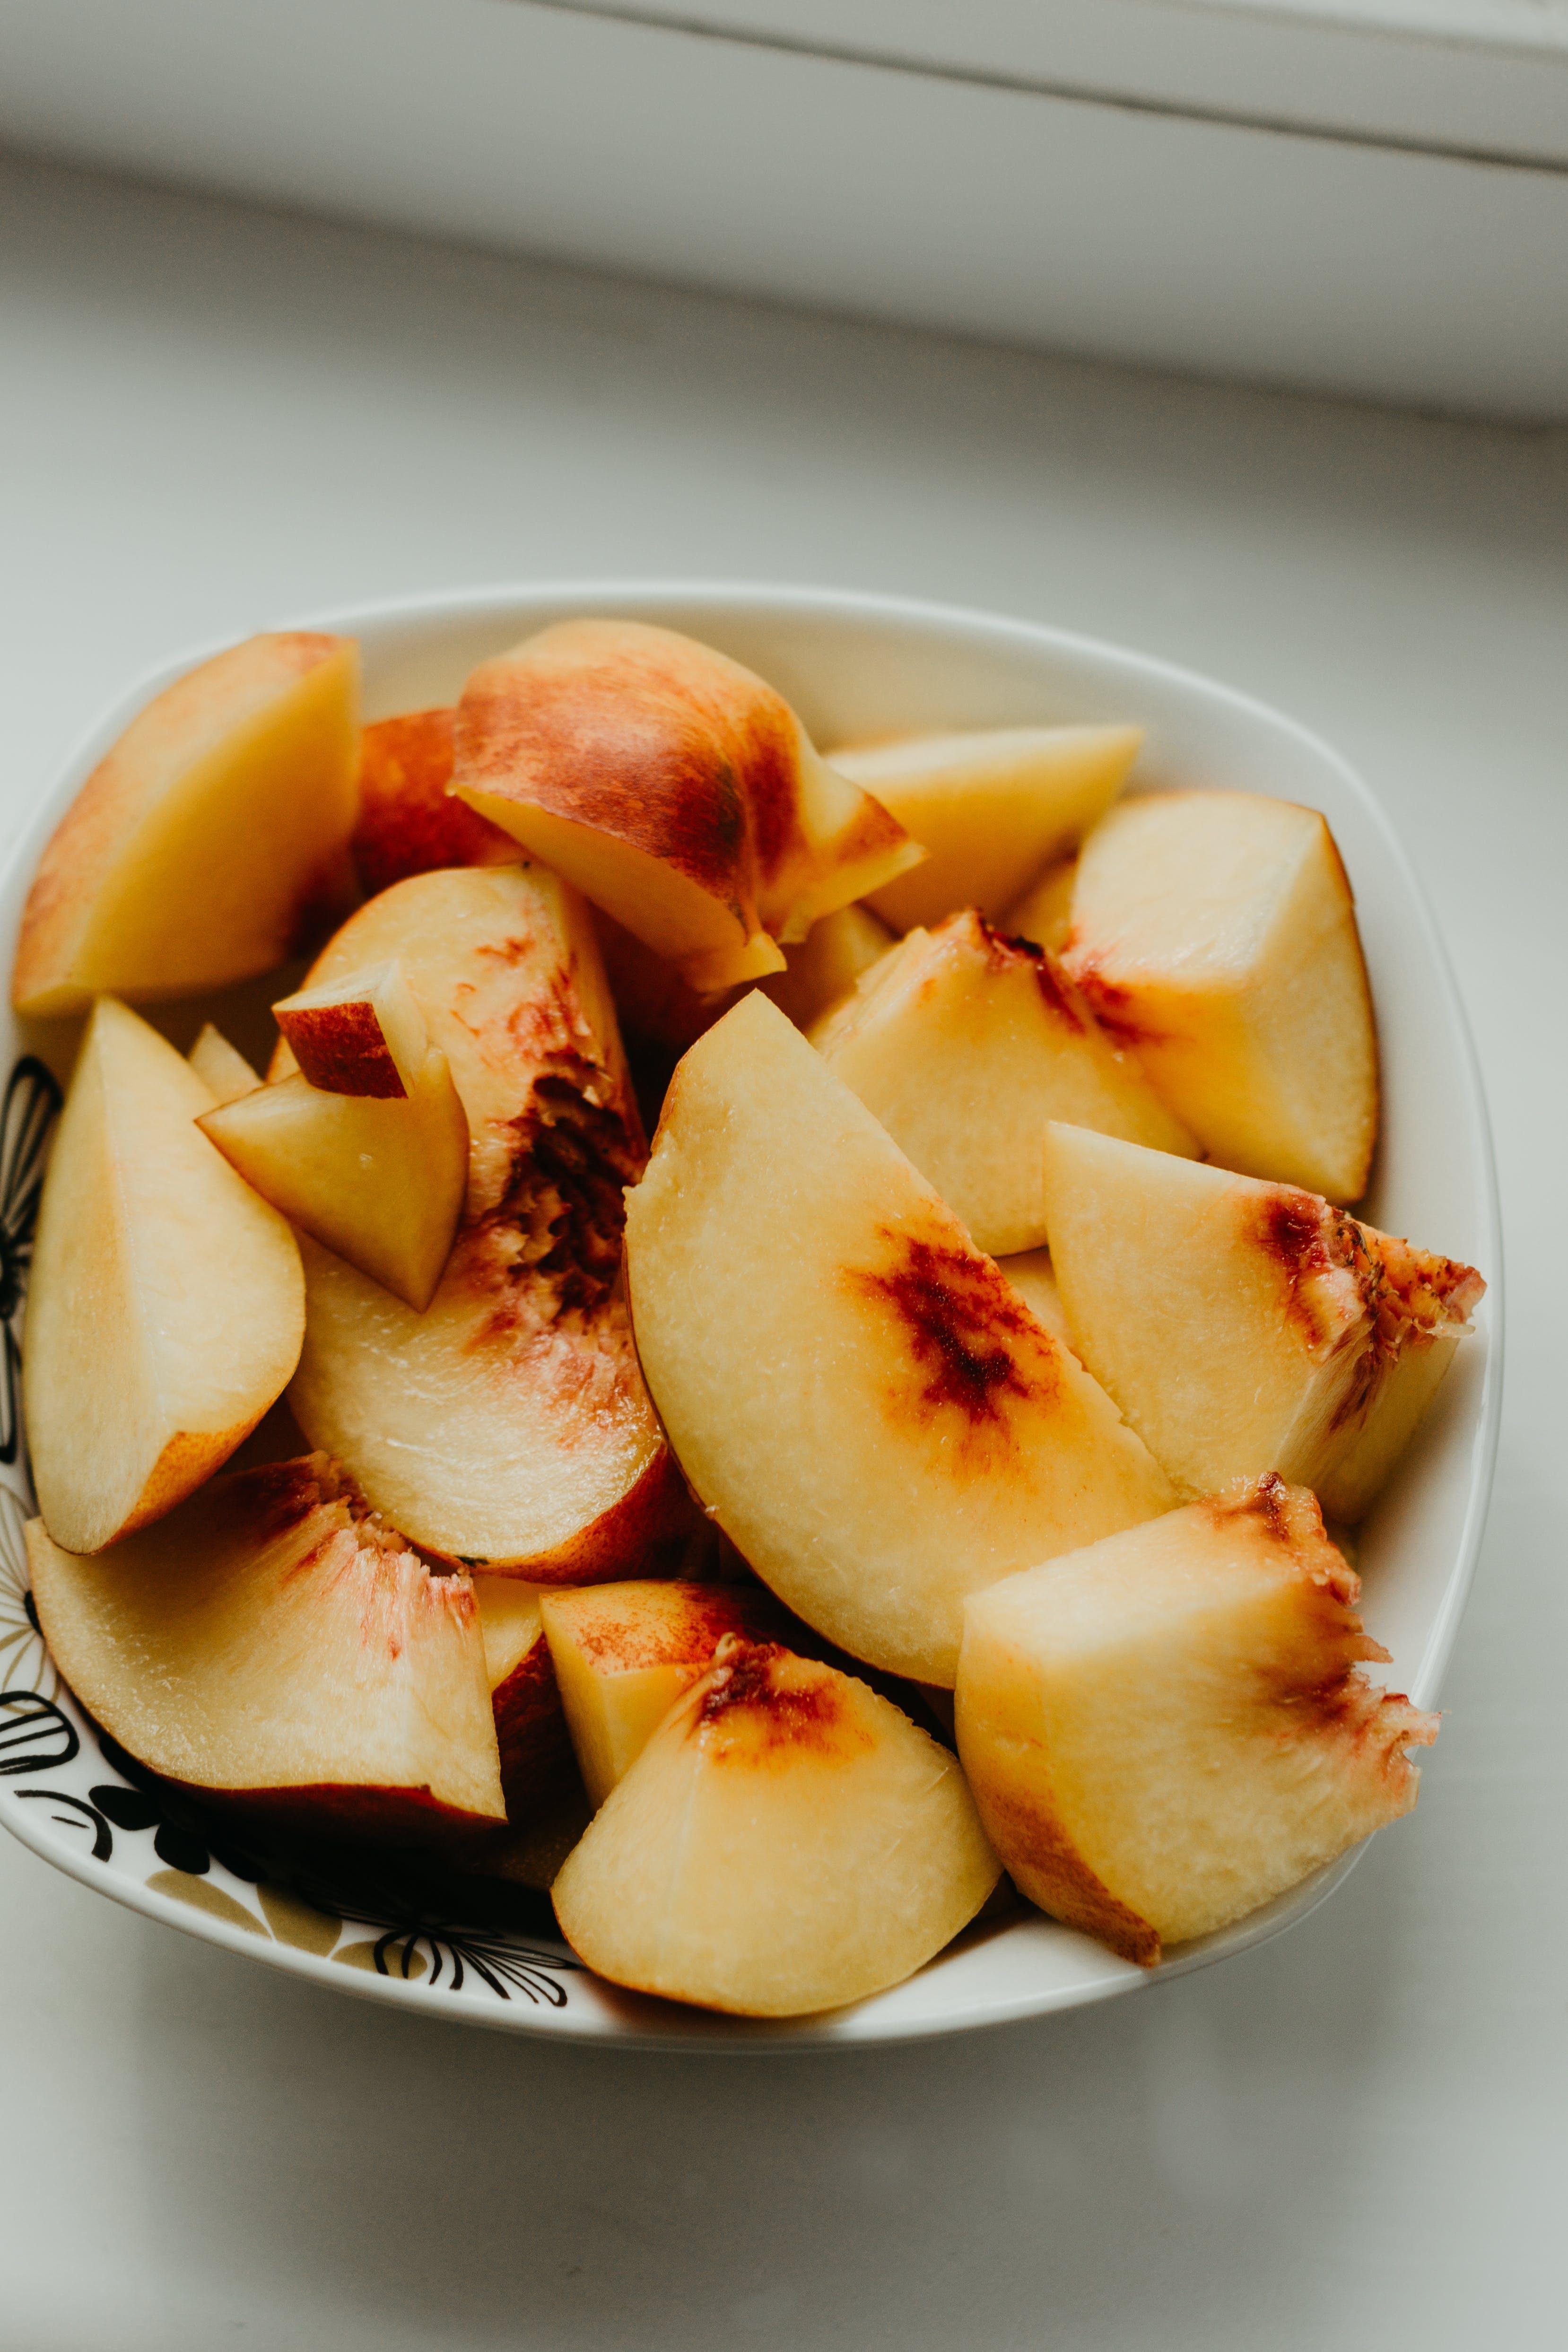 Ingyenes stockfotó almák, egészséges, finom, gyümölcsök témában